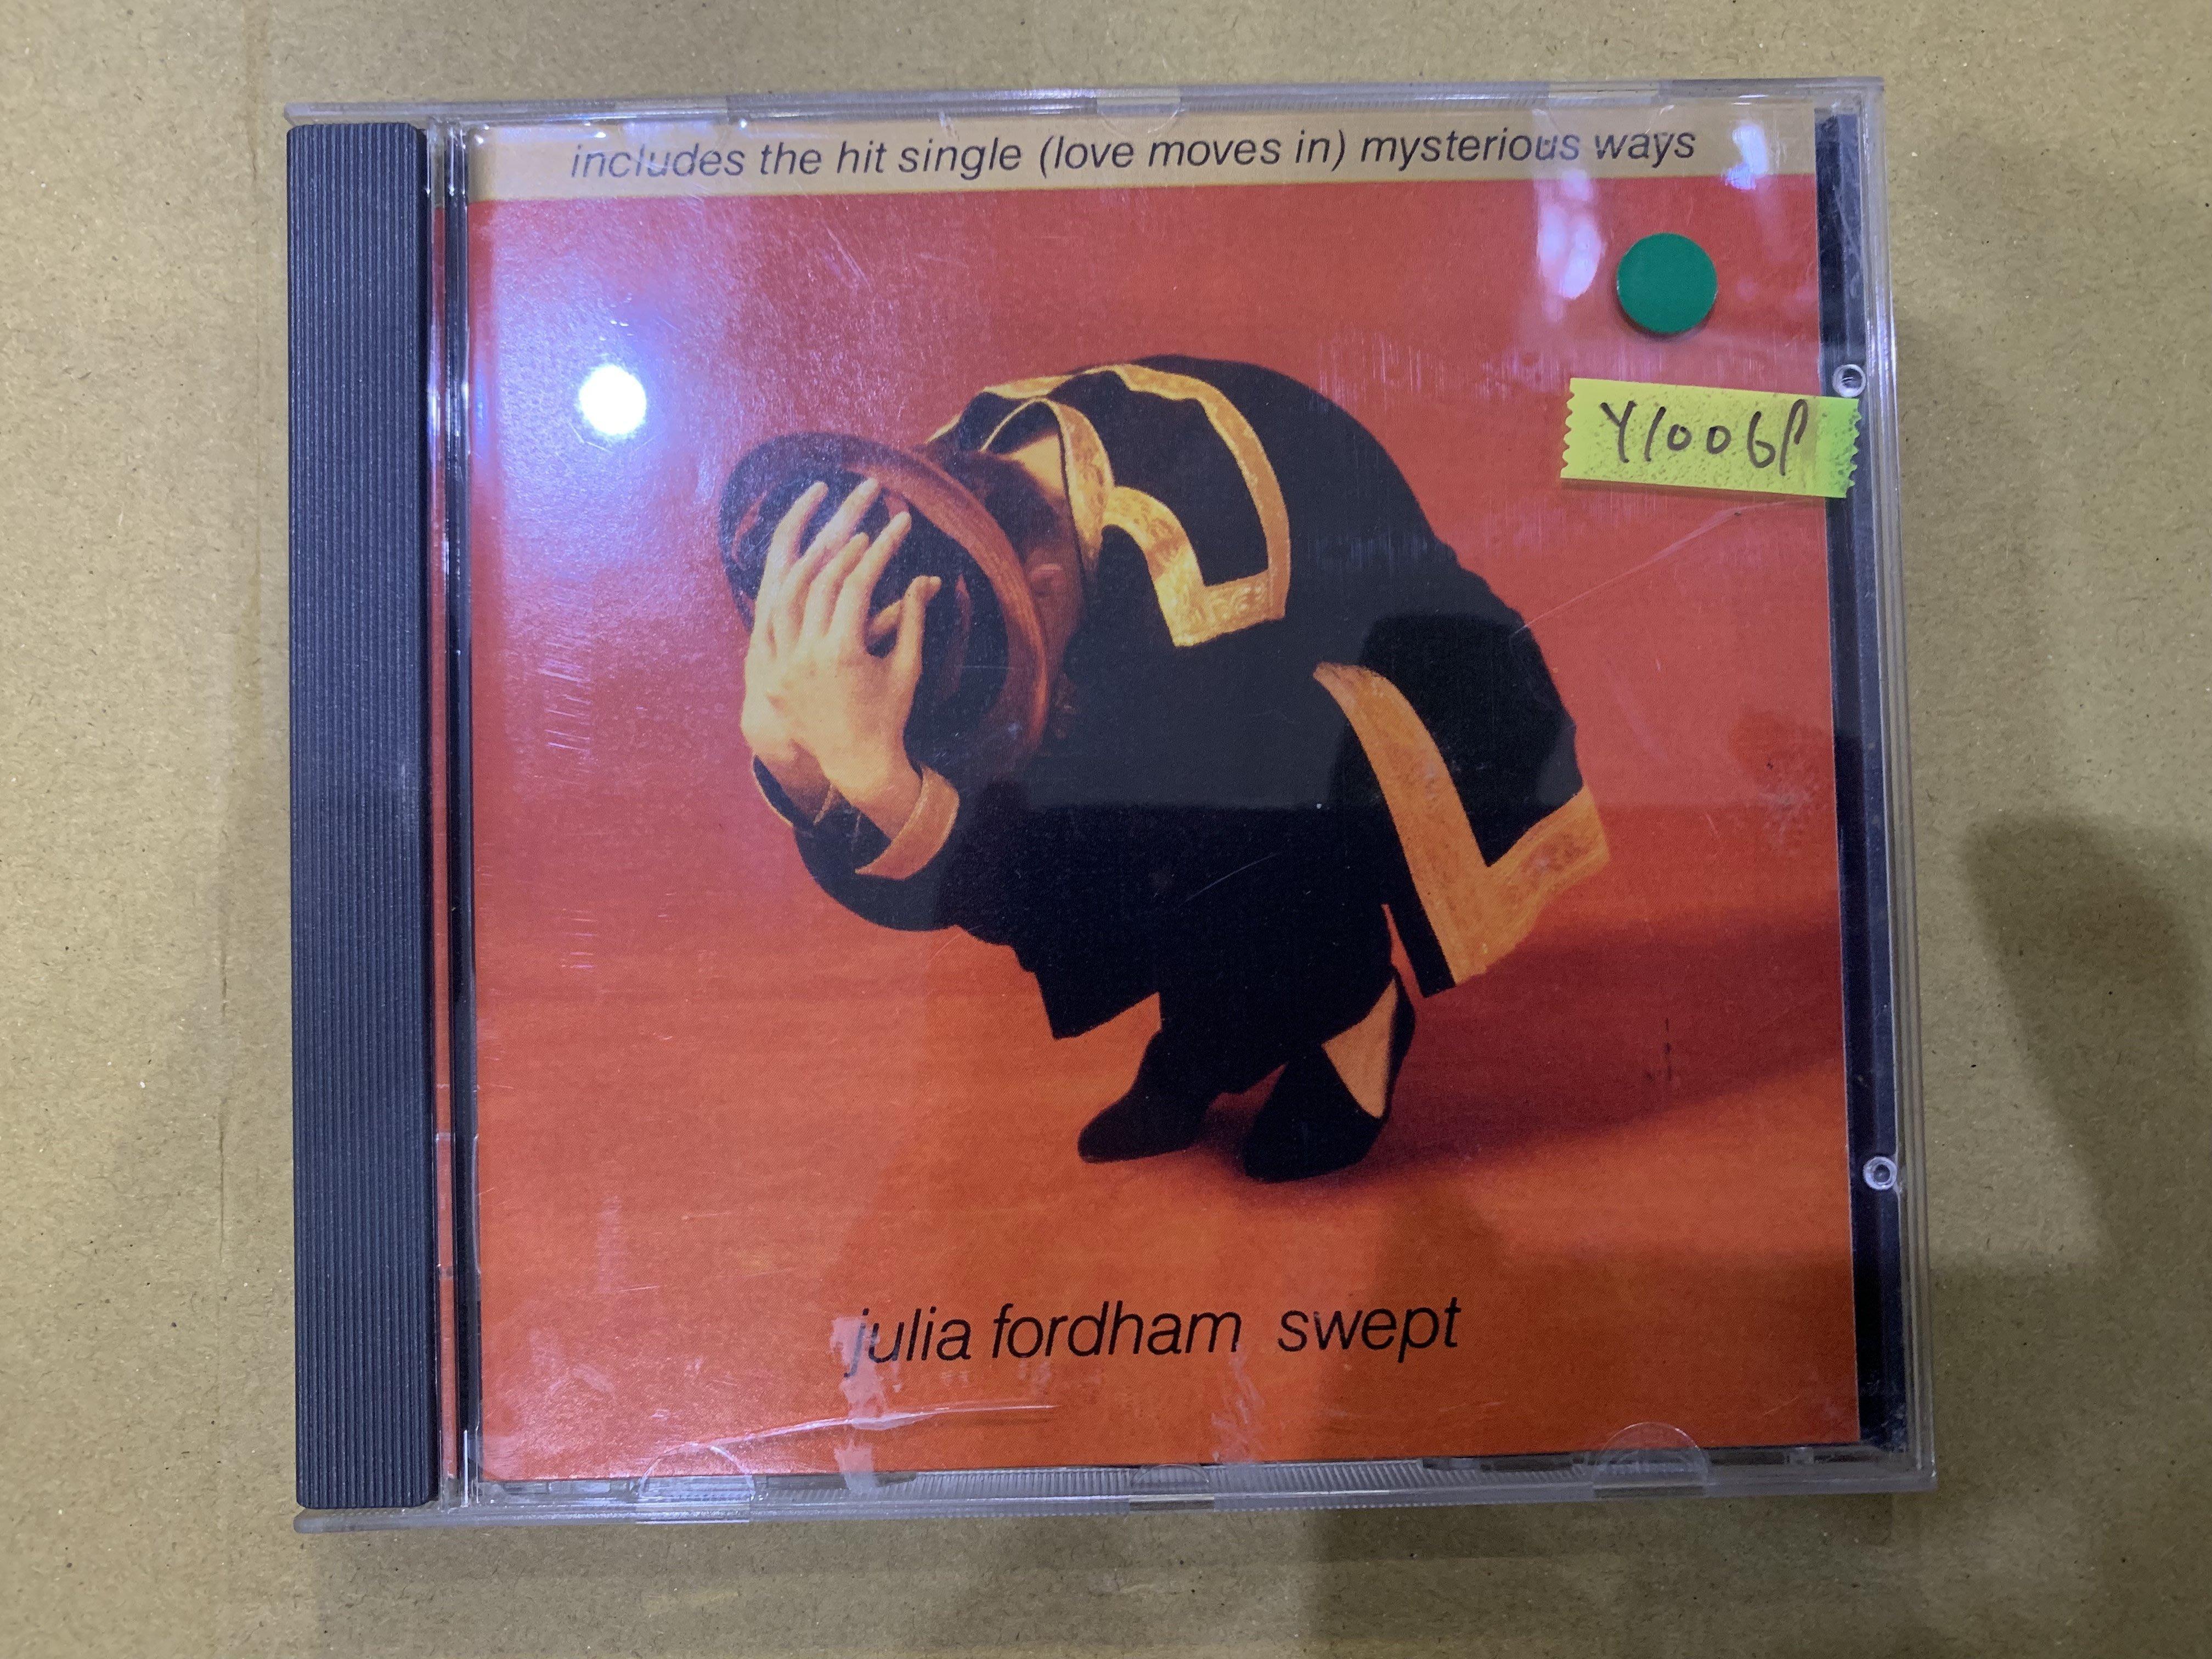 *還有唱片行*JULIA FORDHAM / SWEPT 二手 Y10069 (149起拍)